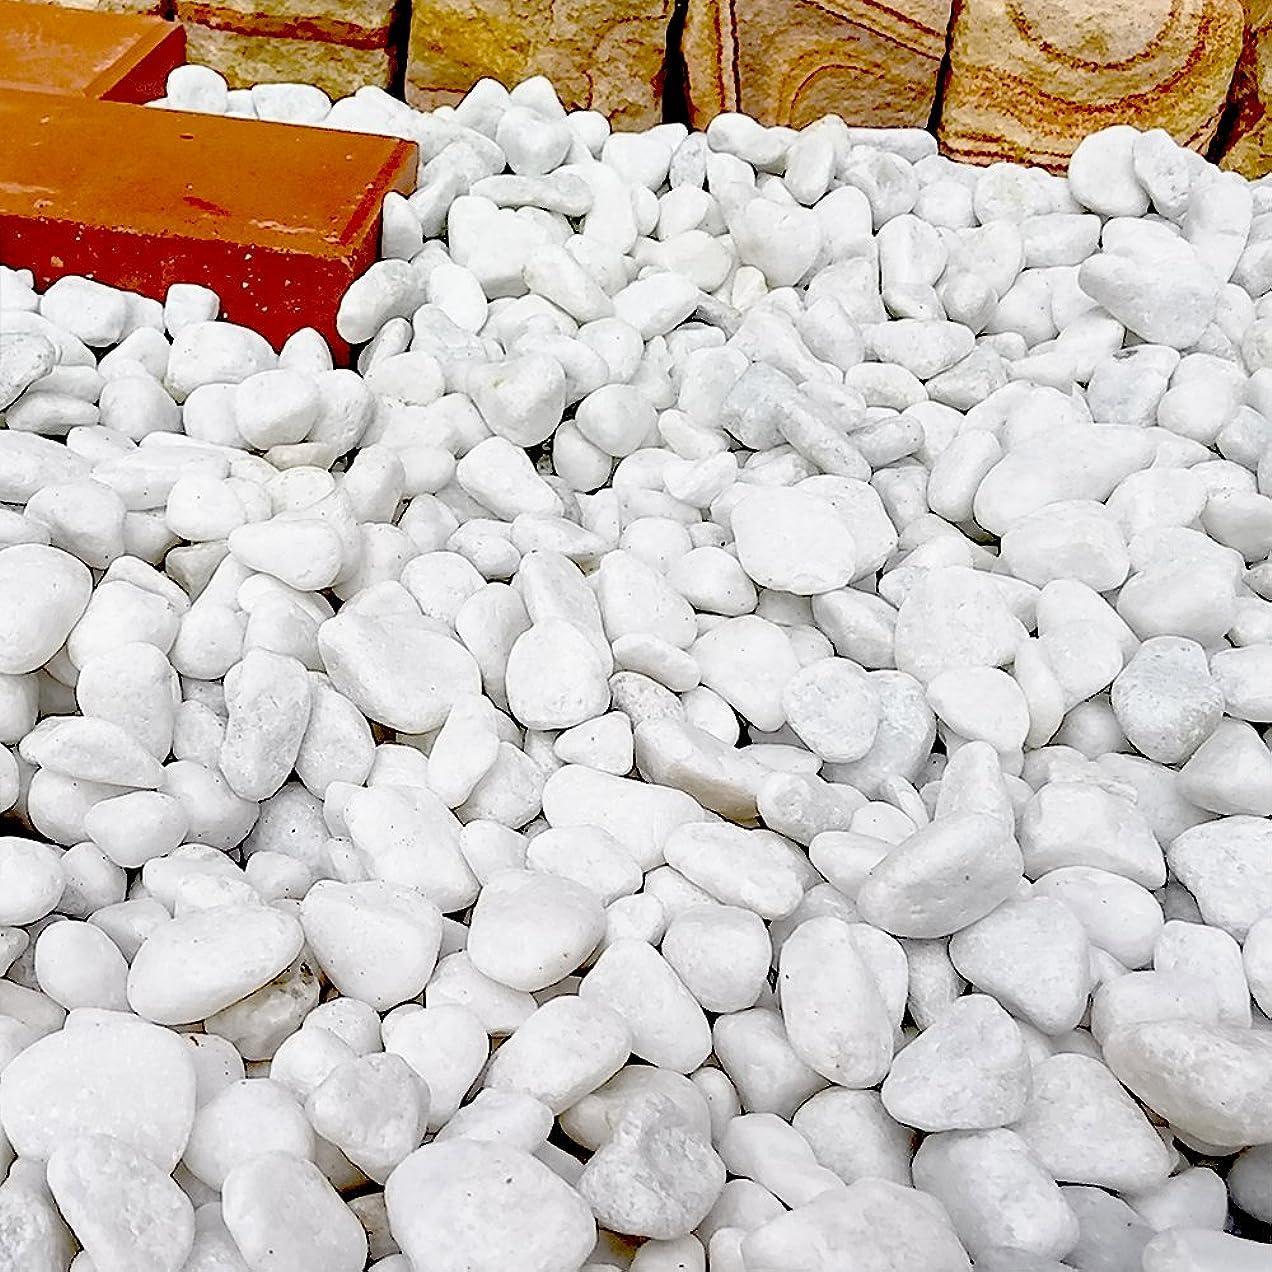 かどうか胃会社天然石 玉石砂利 1-2cm 140kg スノーホワイト (ガーデニングに最適 白色砂利)